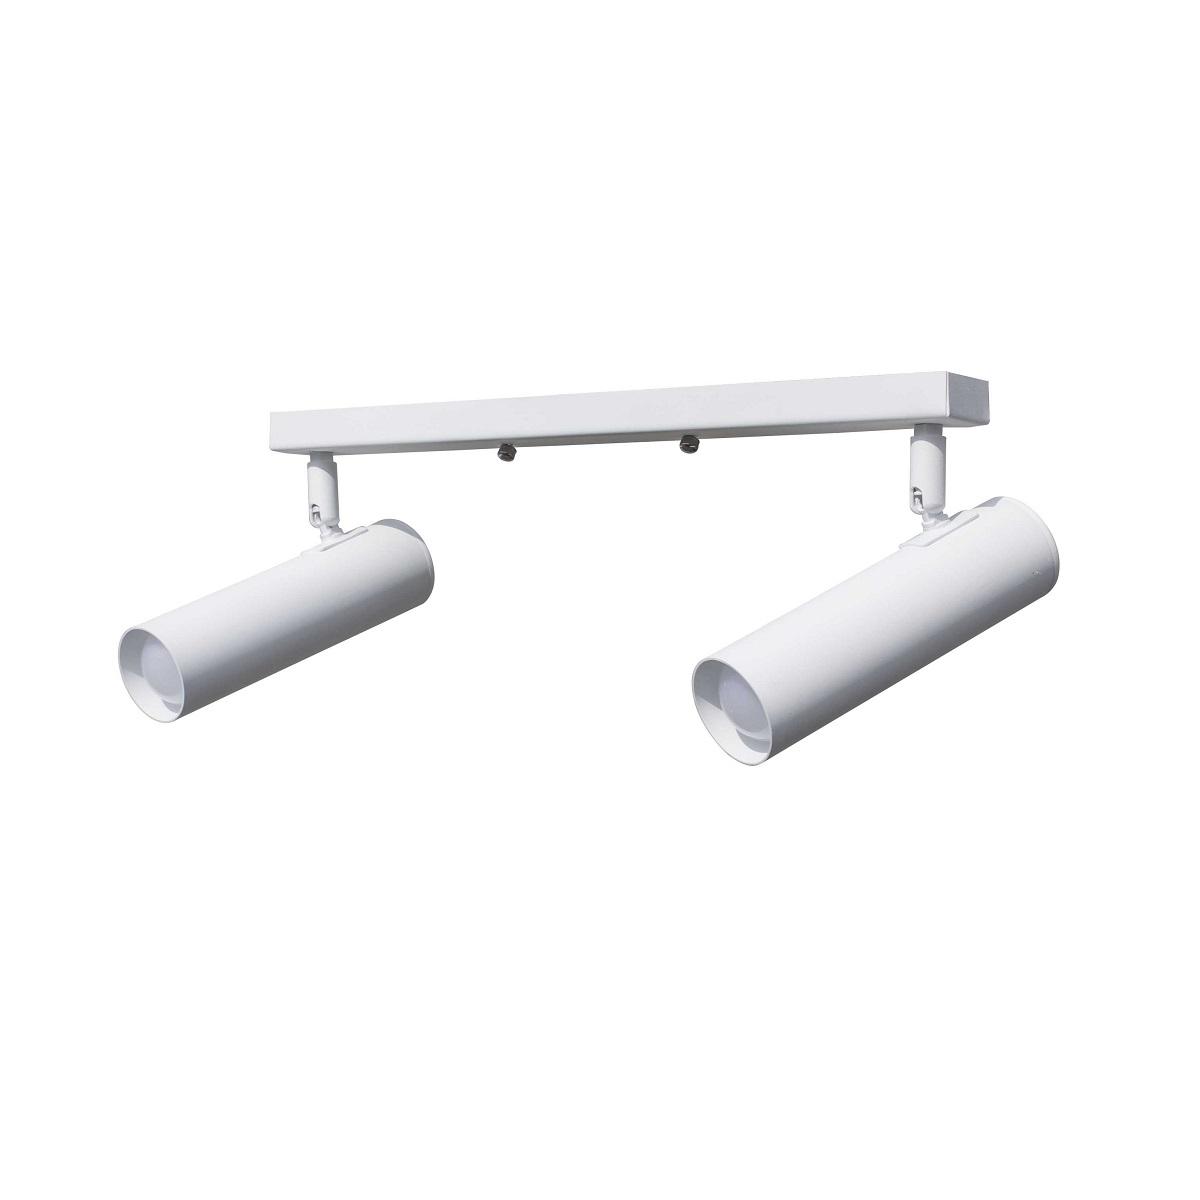 Светильники ЛОФТ - Люстра лофт потолочная с поворотным плафоном 000002789 - Фото 1